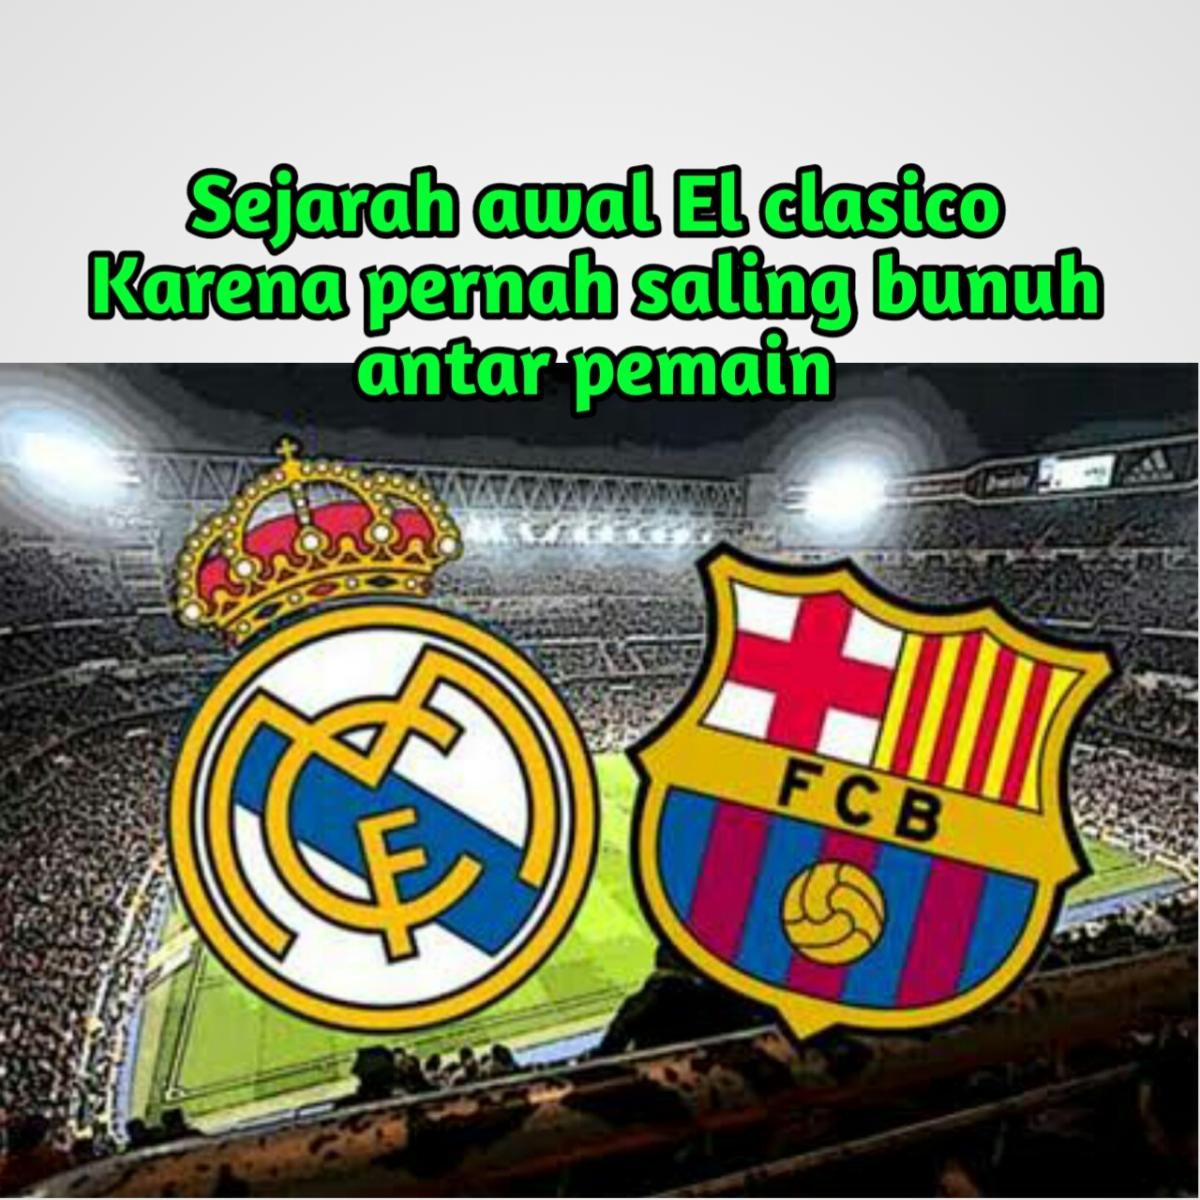 Sejarah Awal Permusuhan RealMadrid dengan barcelona / El clasico